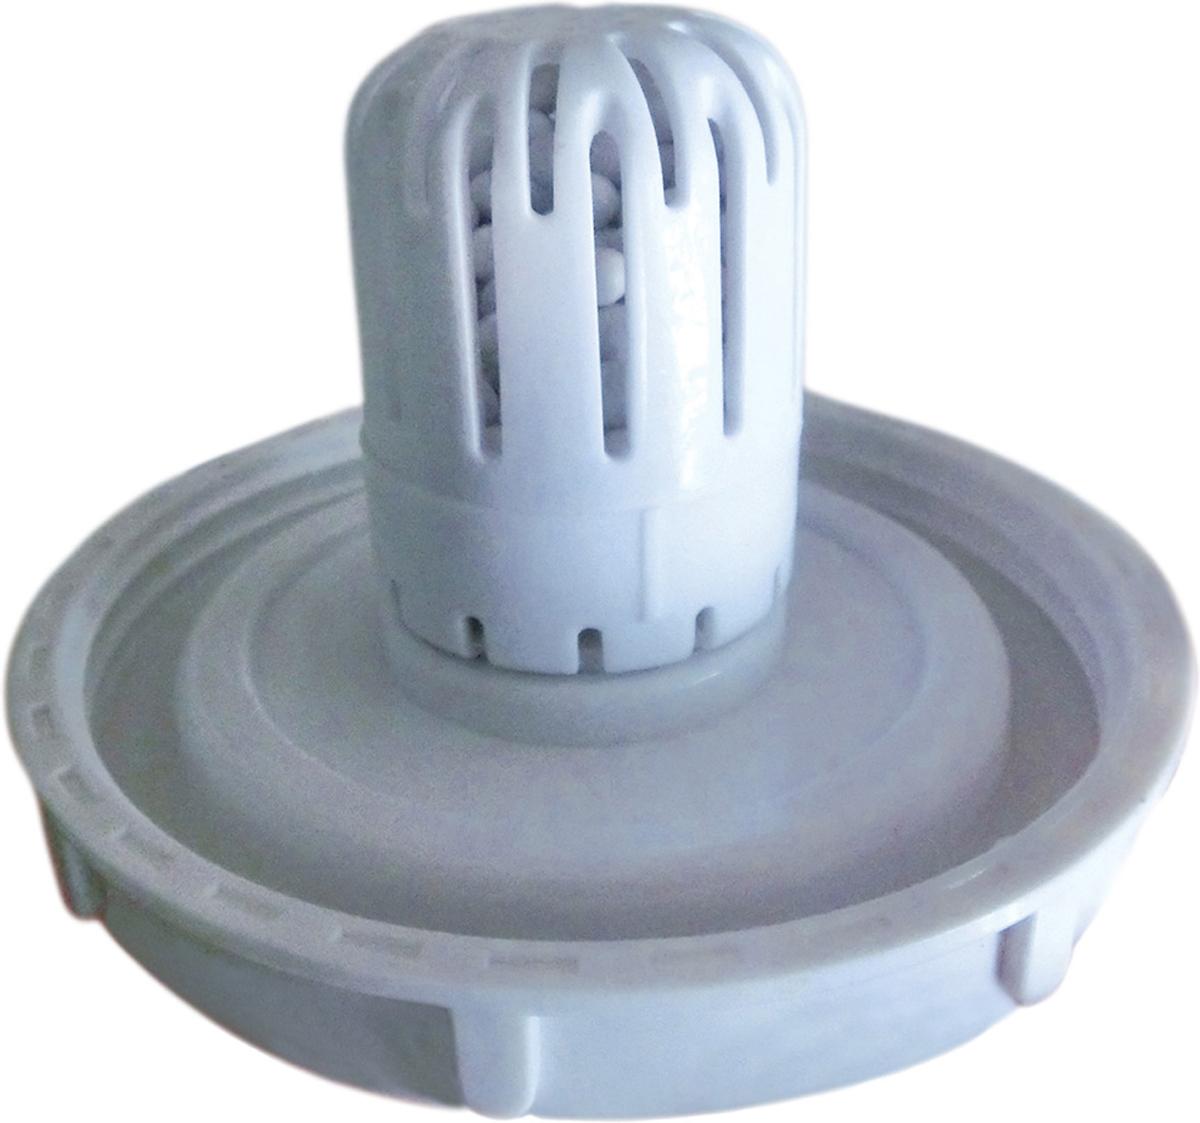 Timberk TMS FL12 фильтр-картридж для увлажнителя THU UL 12TMS FL12Фильтр-картридж с минеральным камнем для увлажнителя THU UL 12